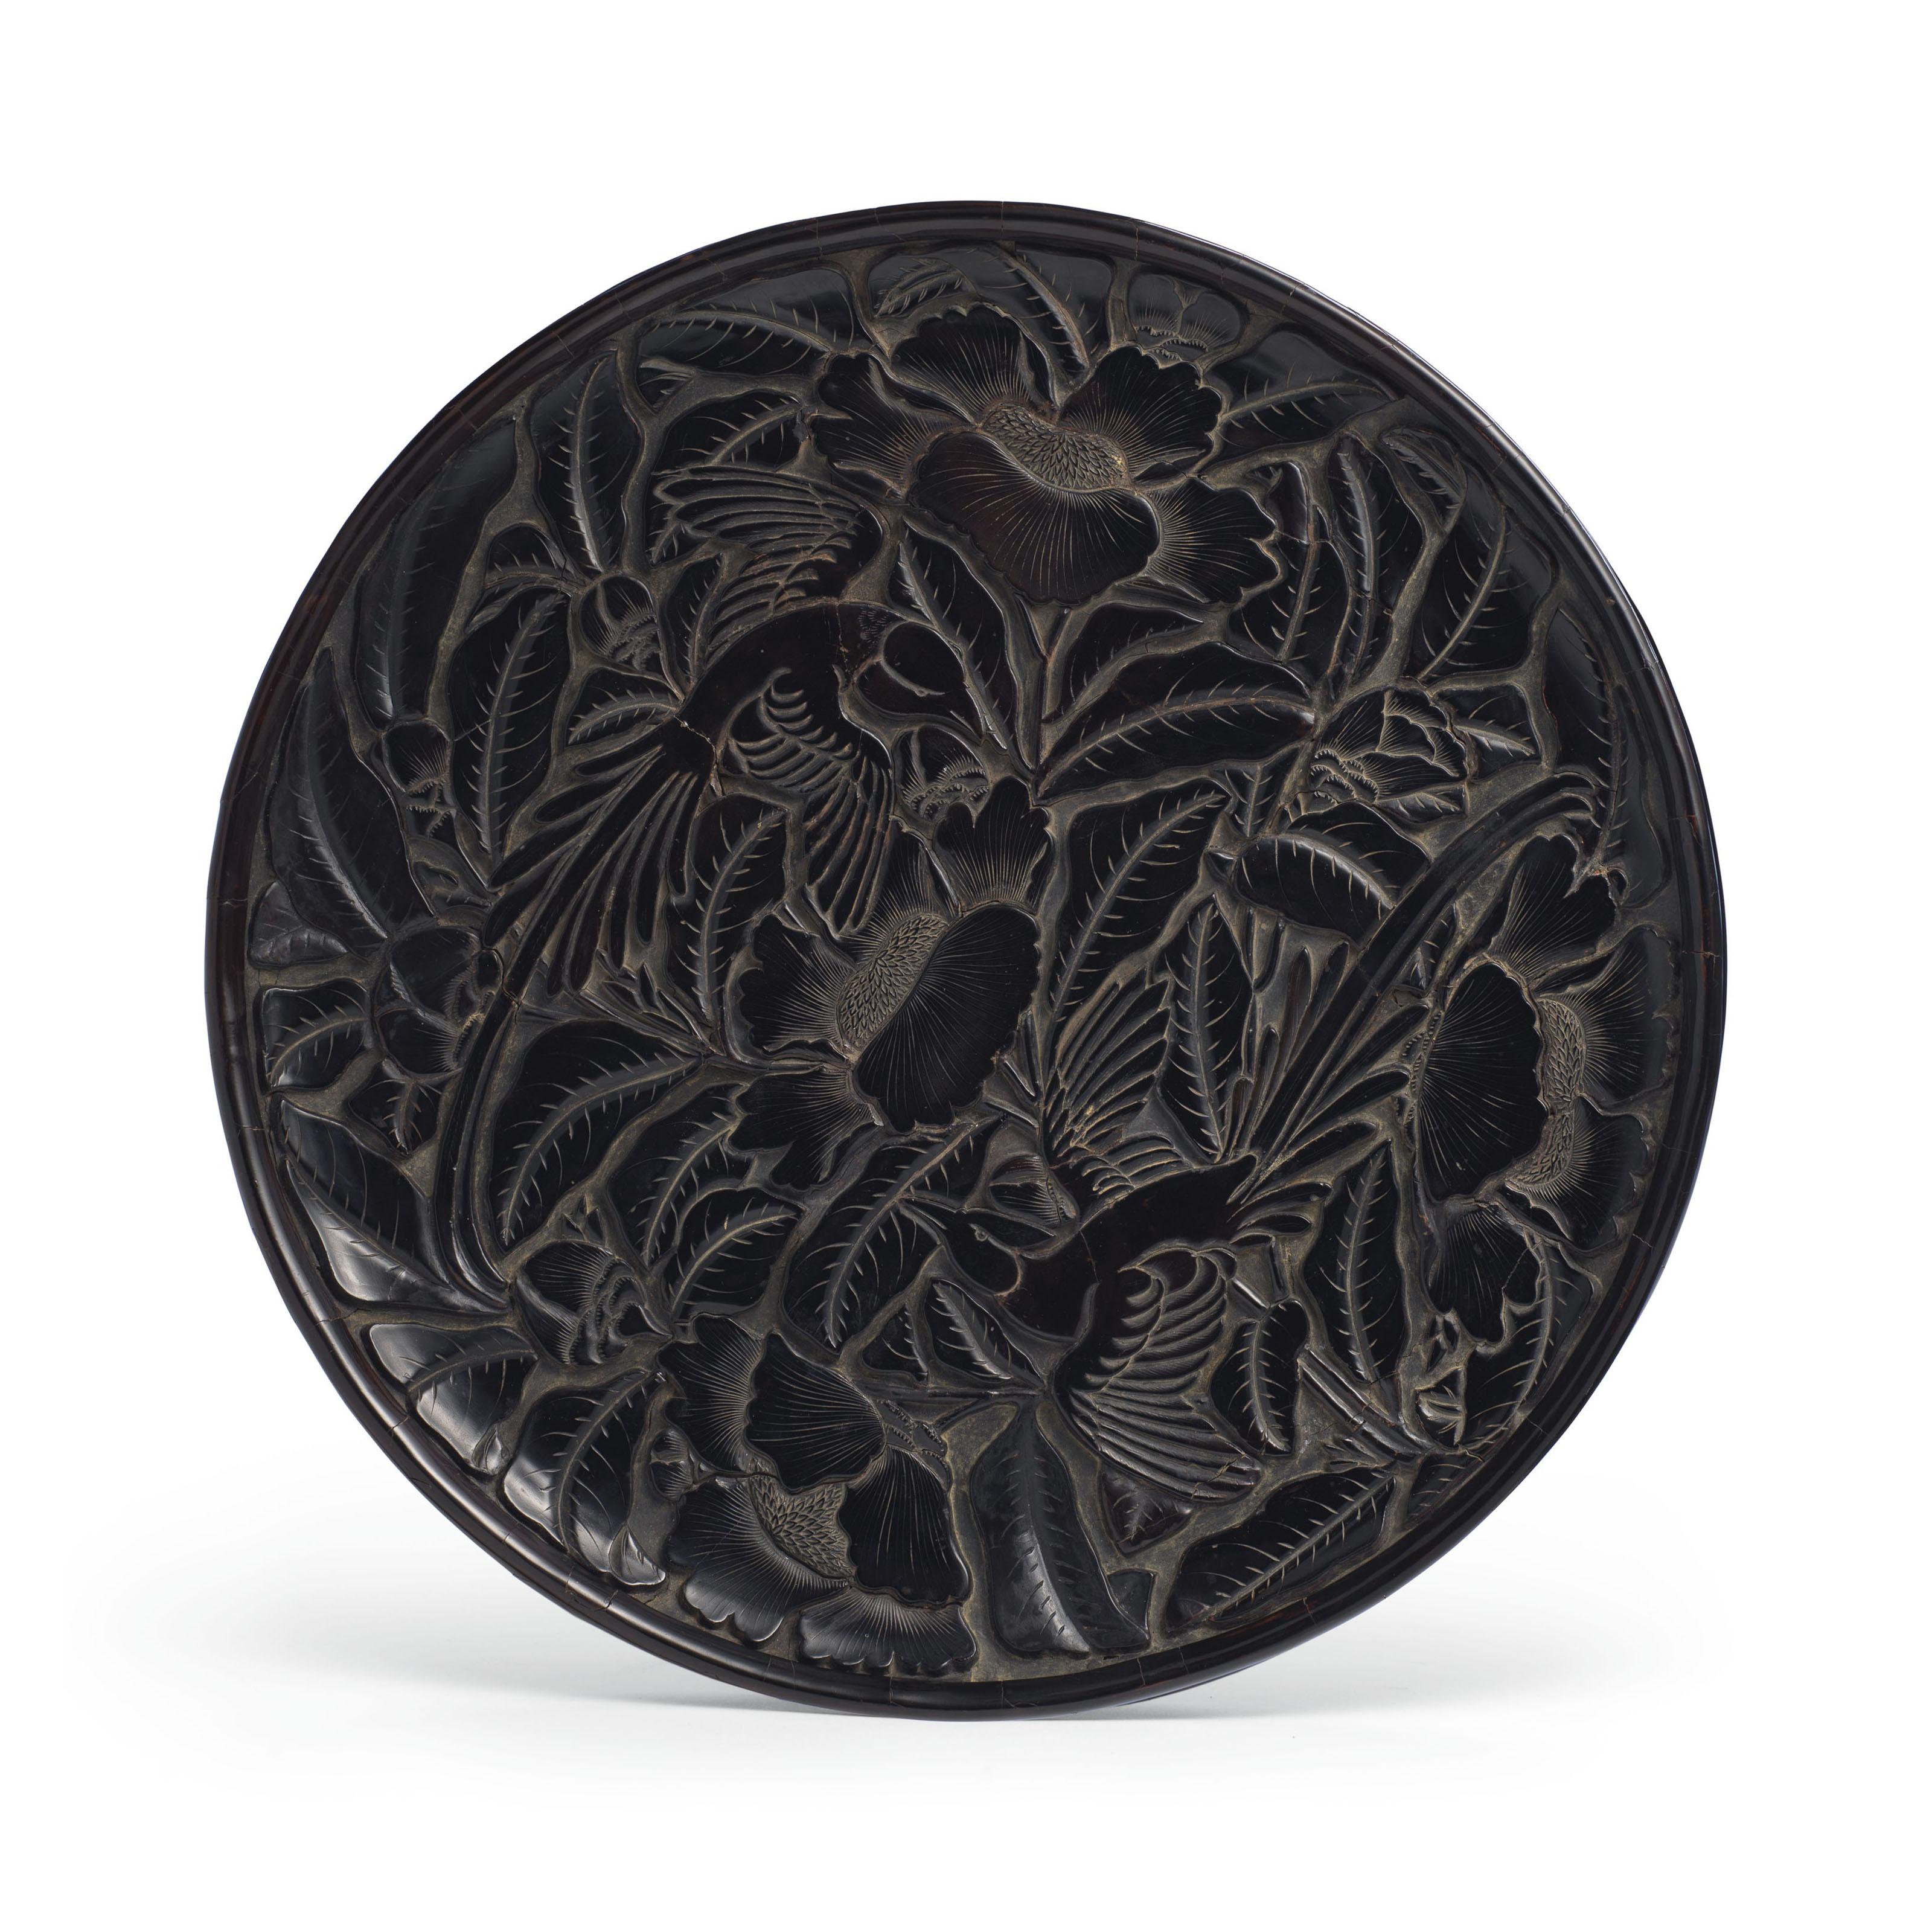 China antique bronze QianLong Guanyin Boy fairy character circular plate